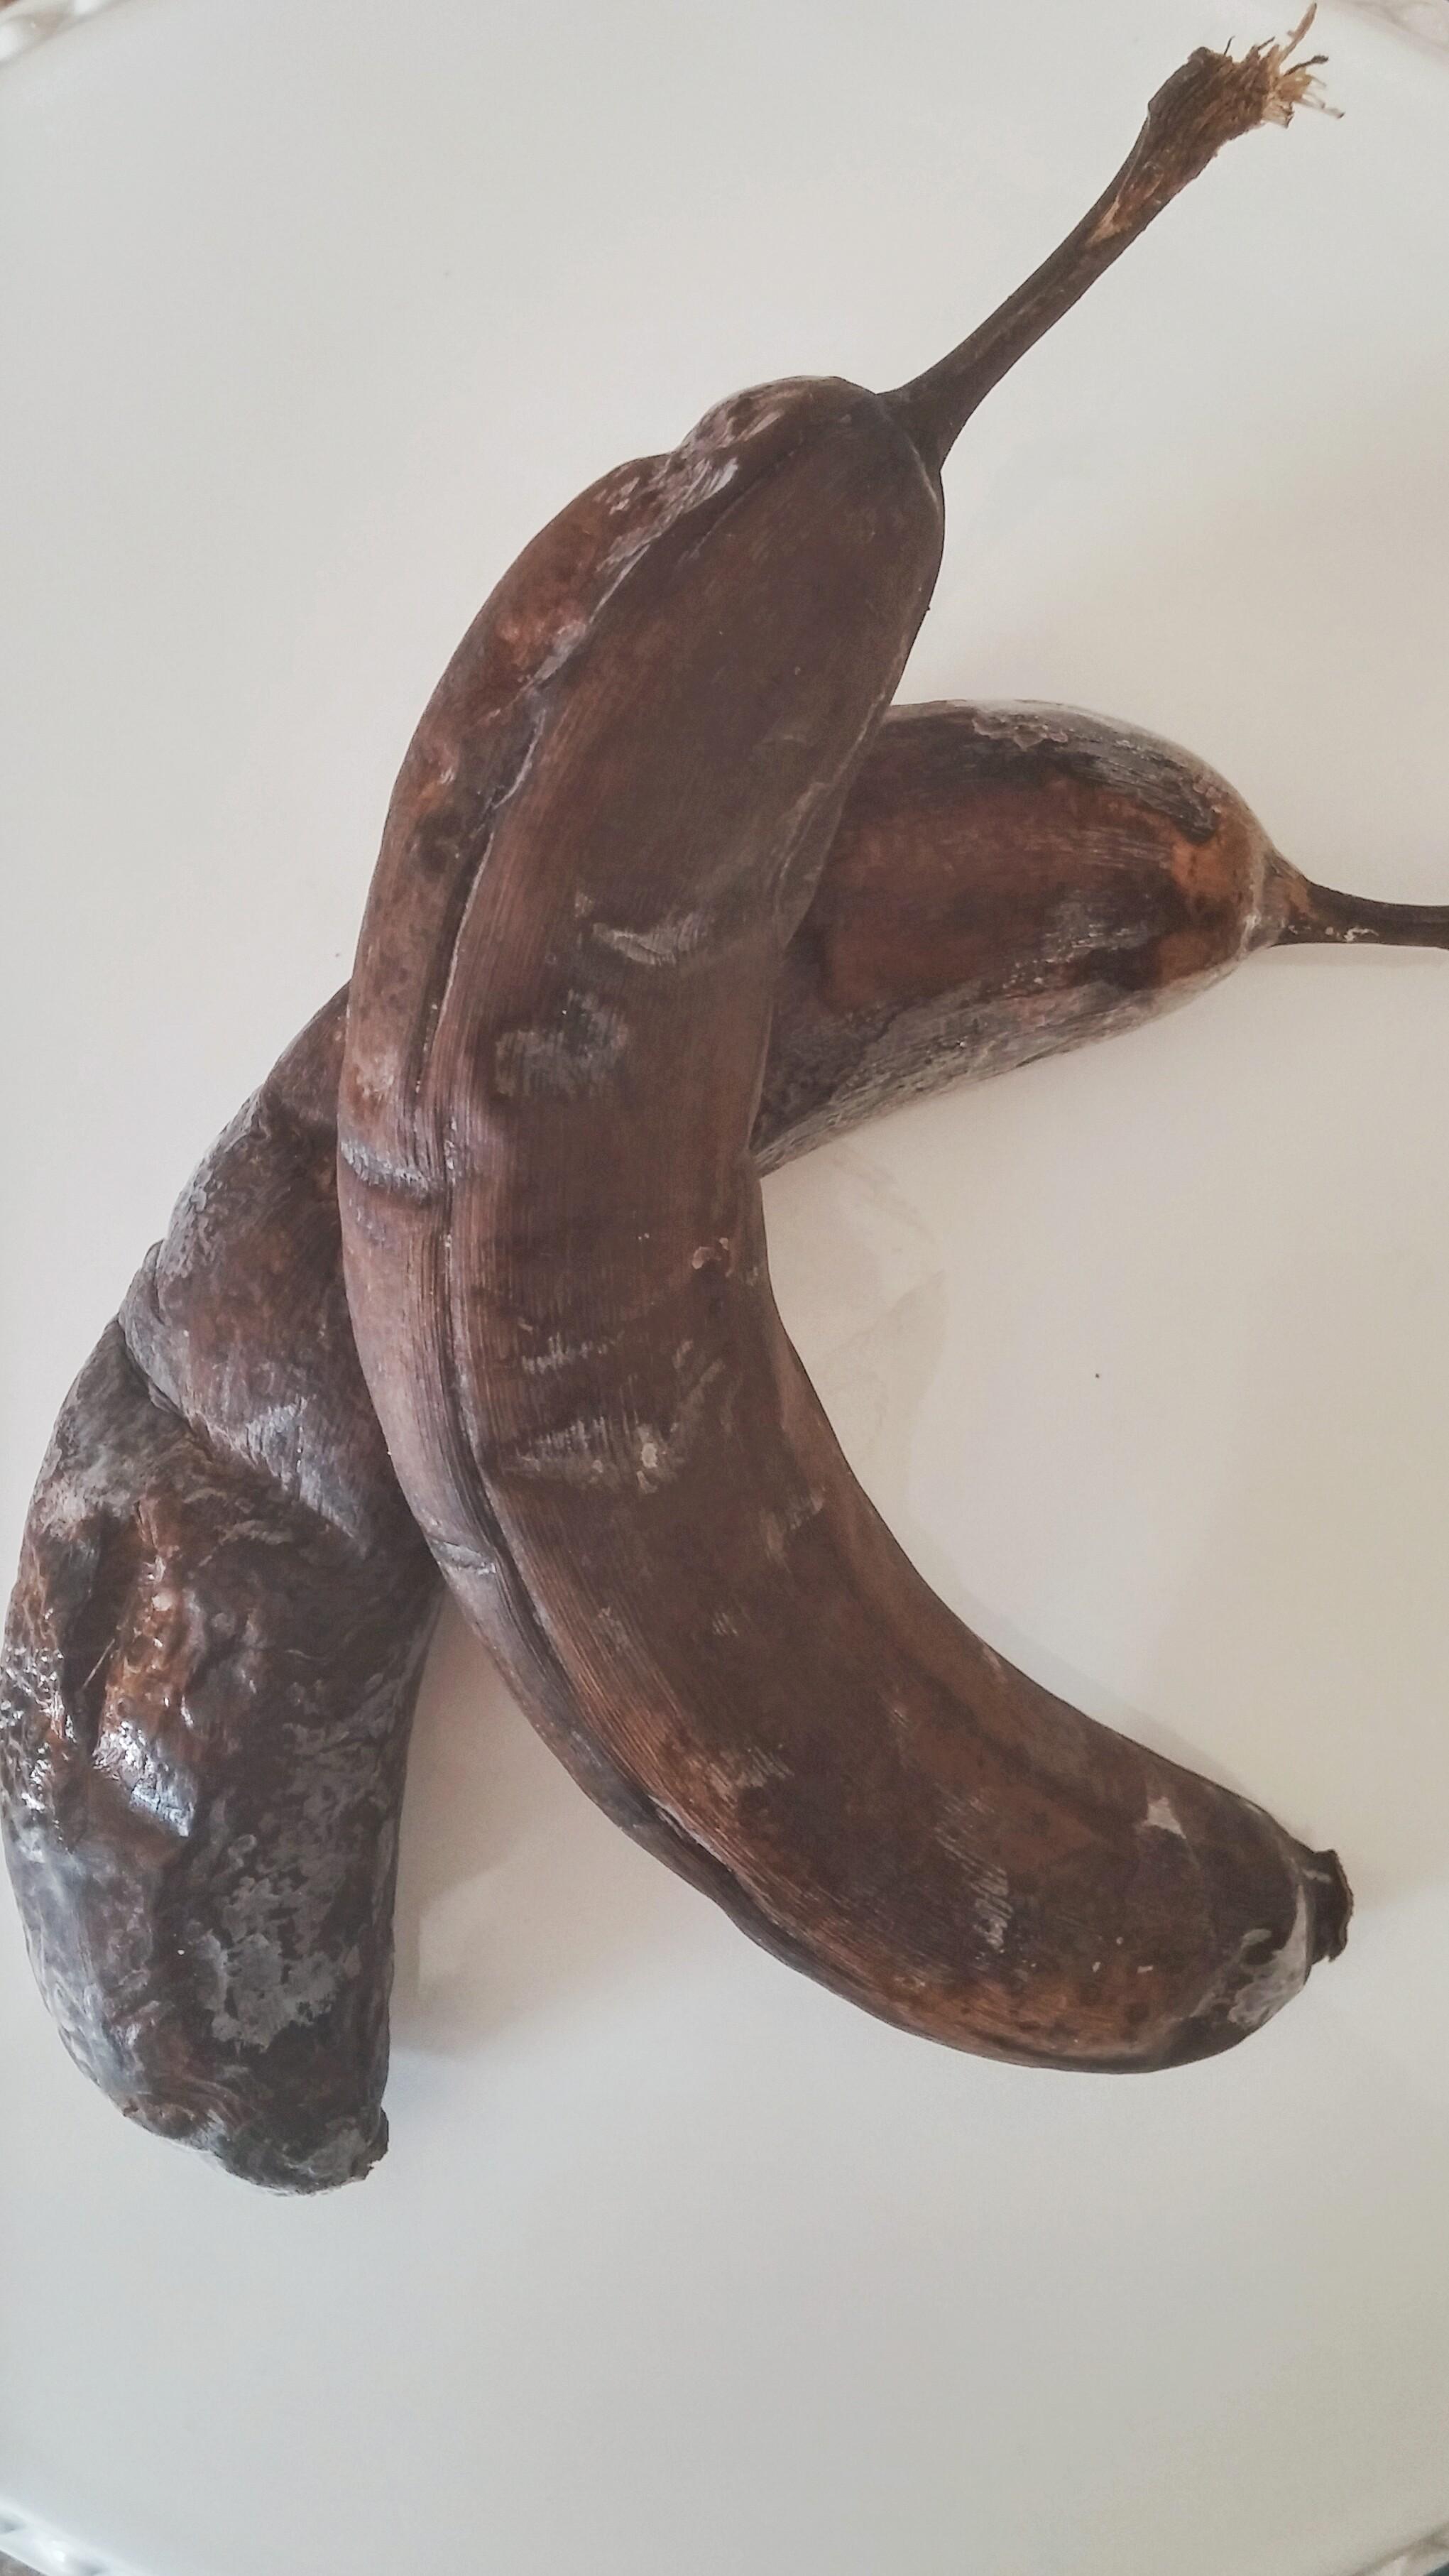 Prime baking bananas